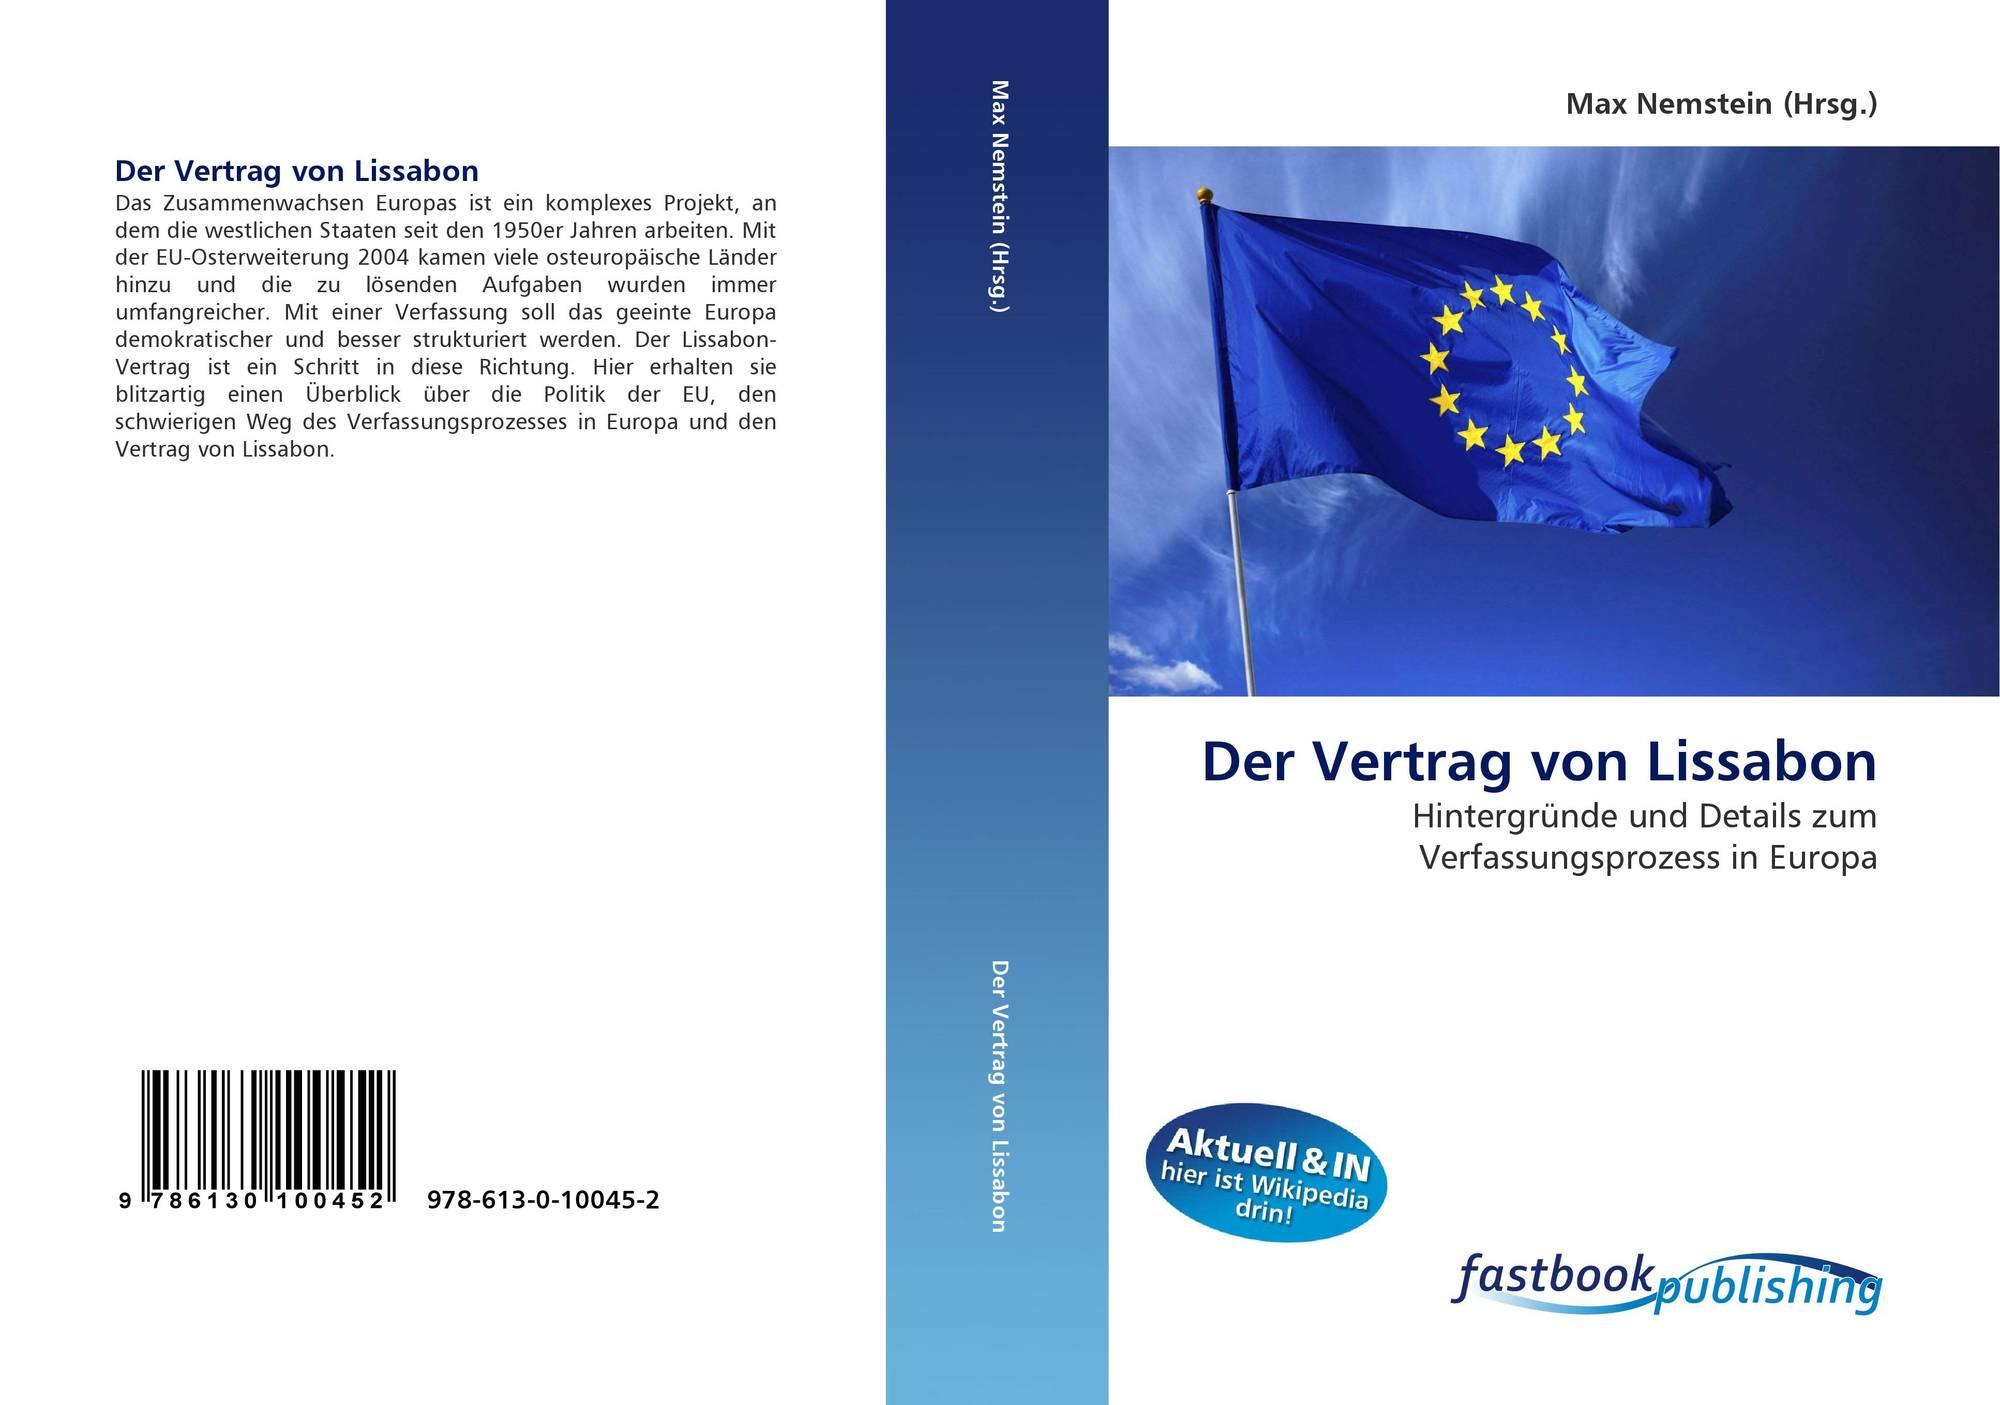 Der Vertrag Von Lissabon 978 613 0 10045 2 6130100450